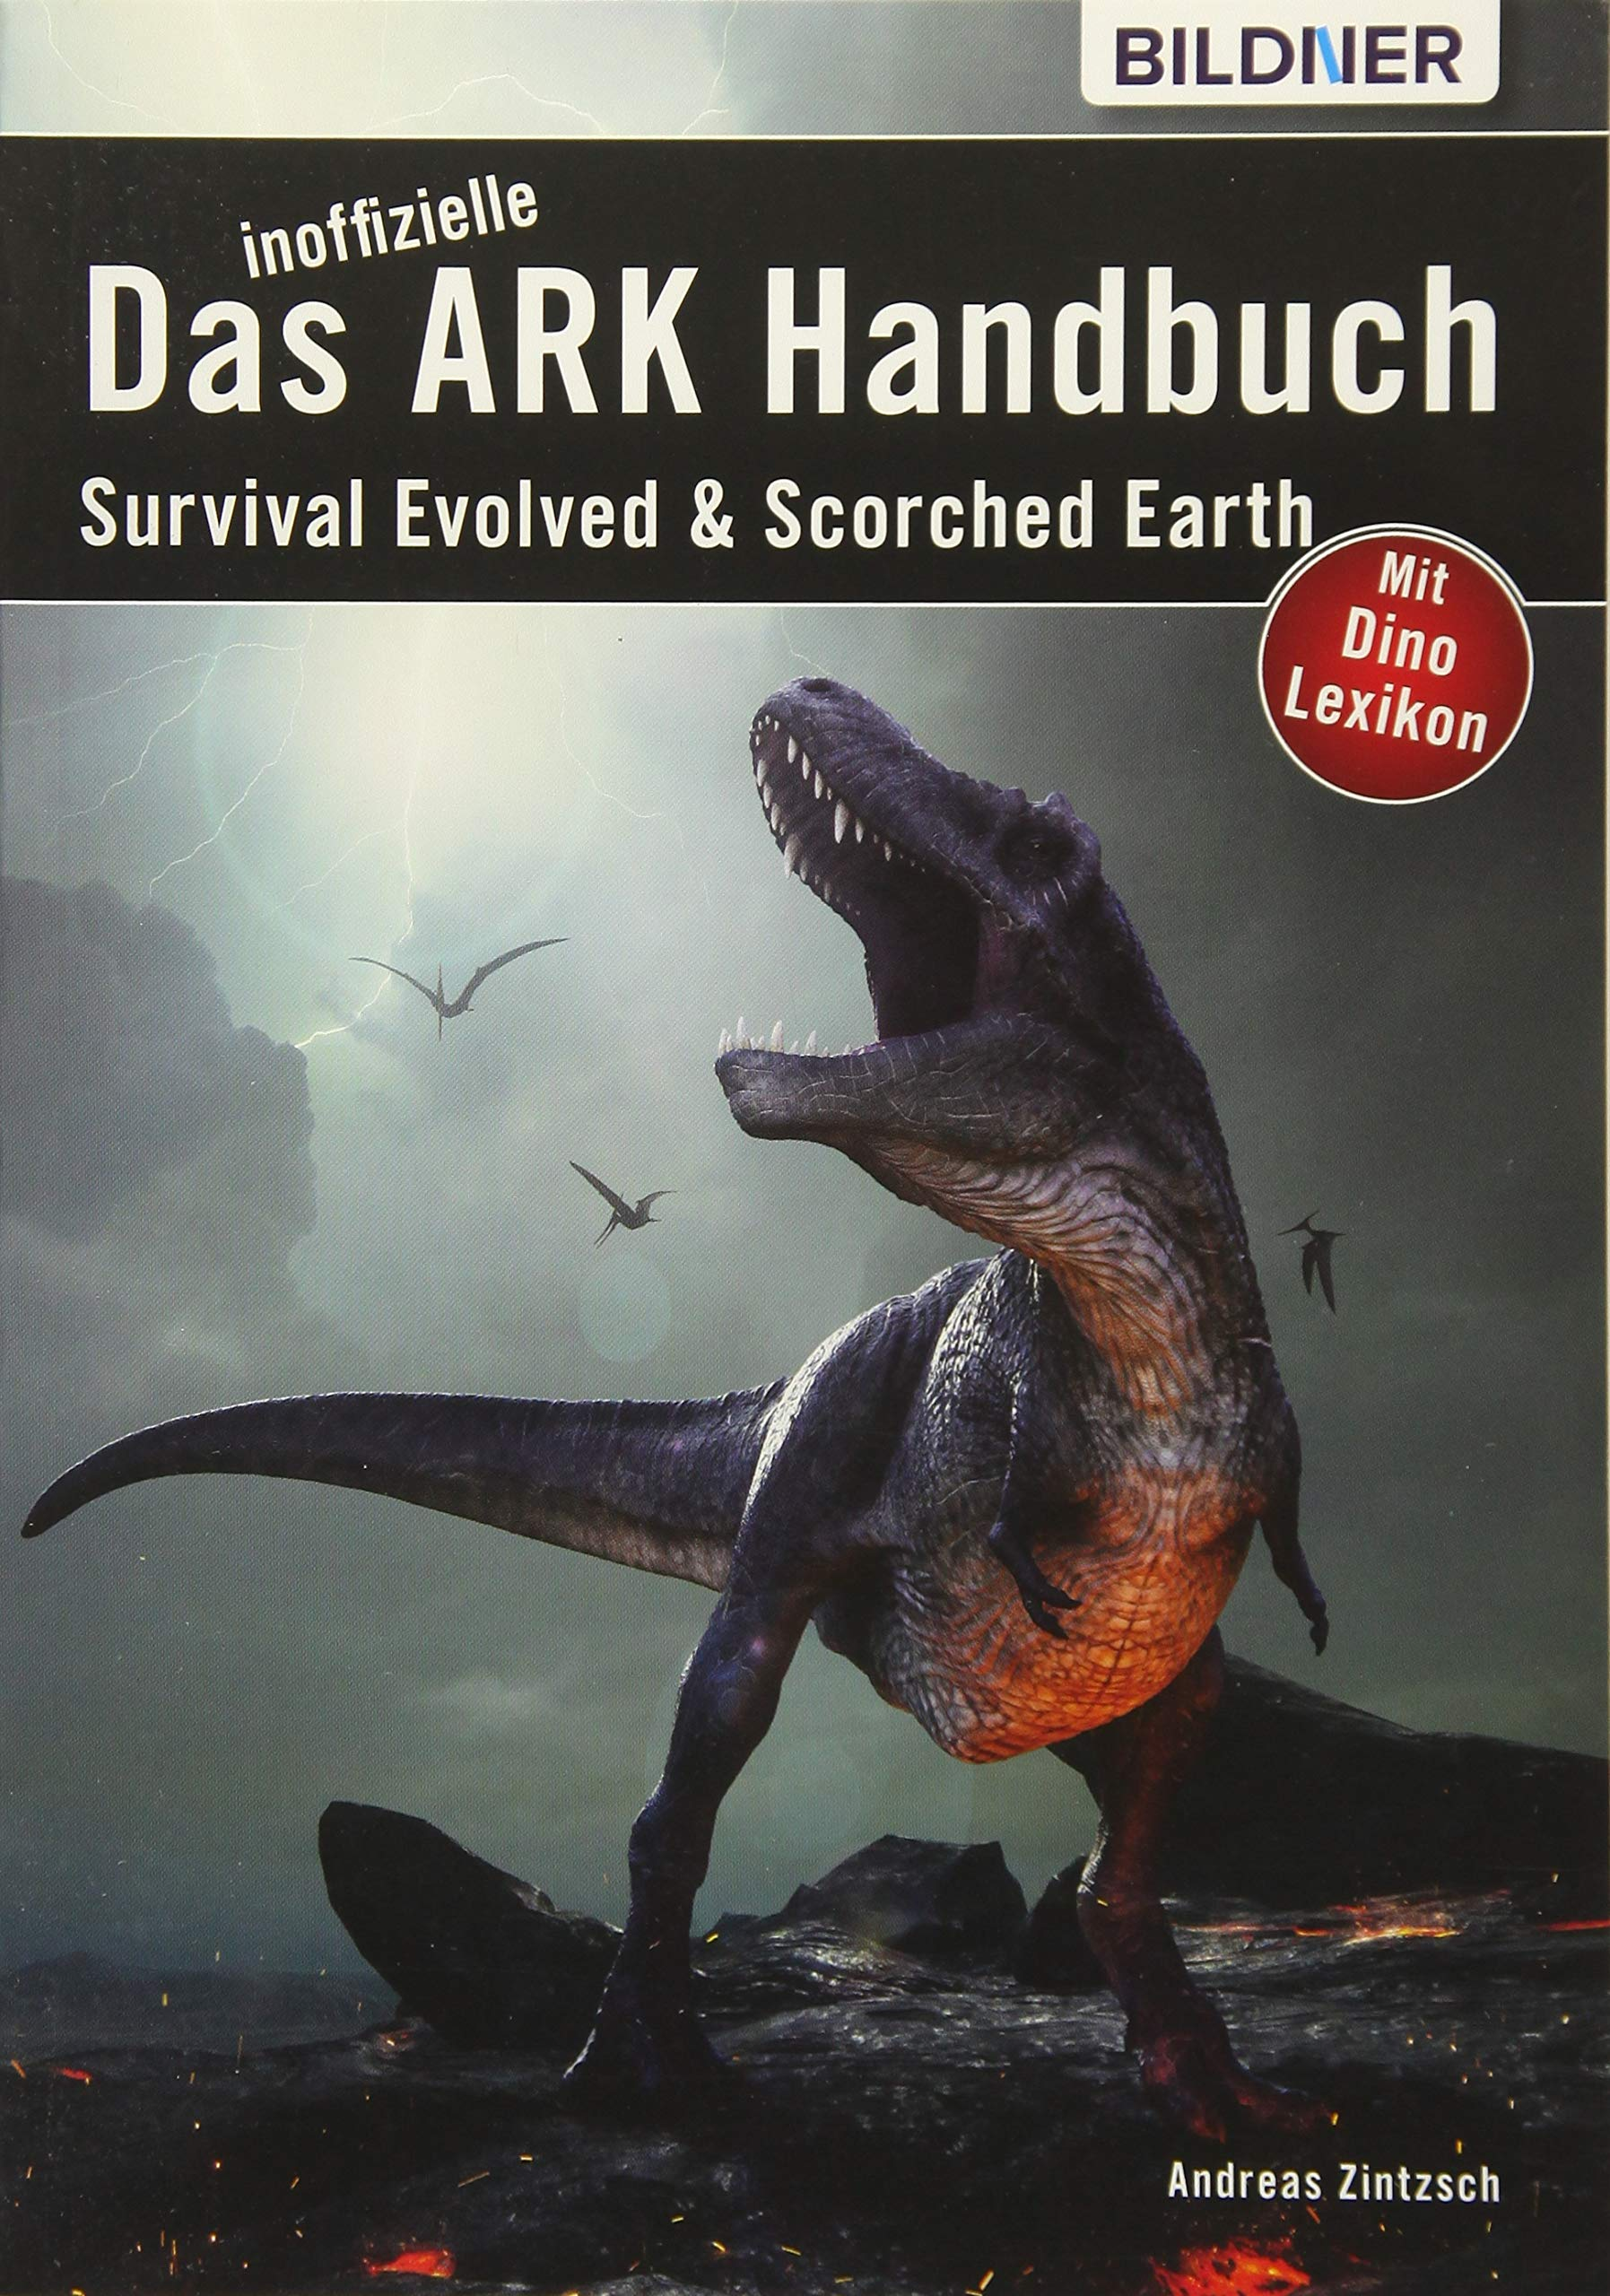 Das große inoffizielle ARK-Handbuch: Survival Evolved & Scorched ...